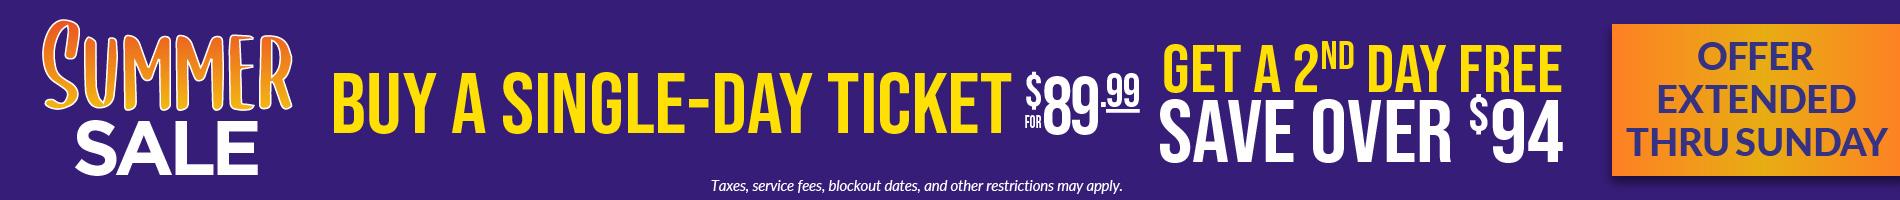 Summer Sale Tickets Offer Extended Thru Thursday